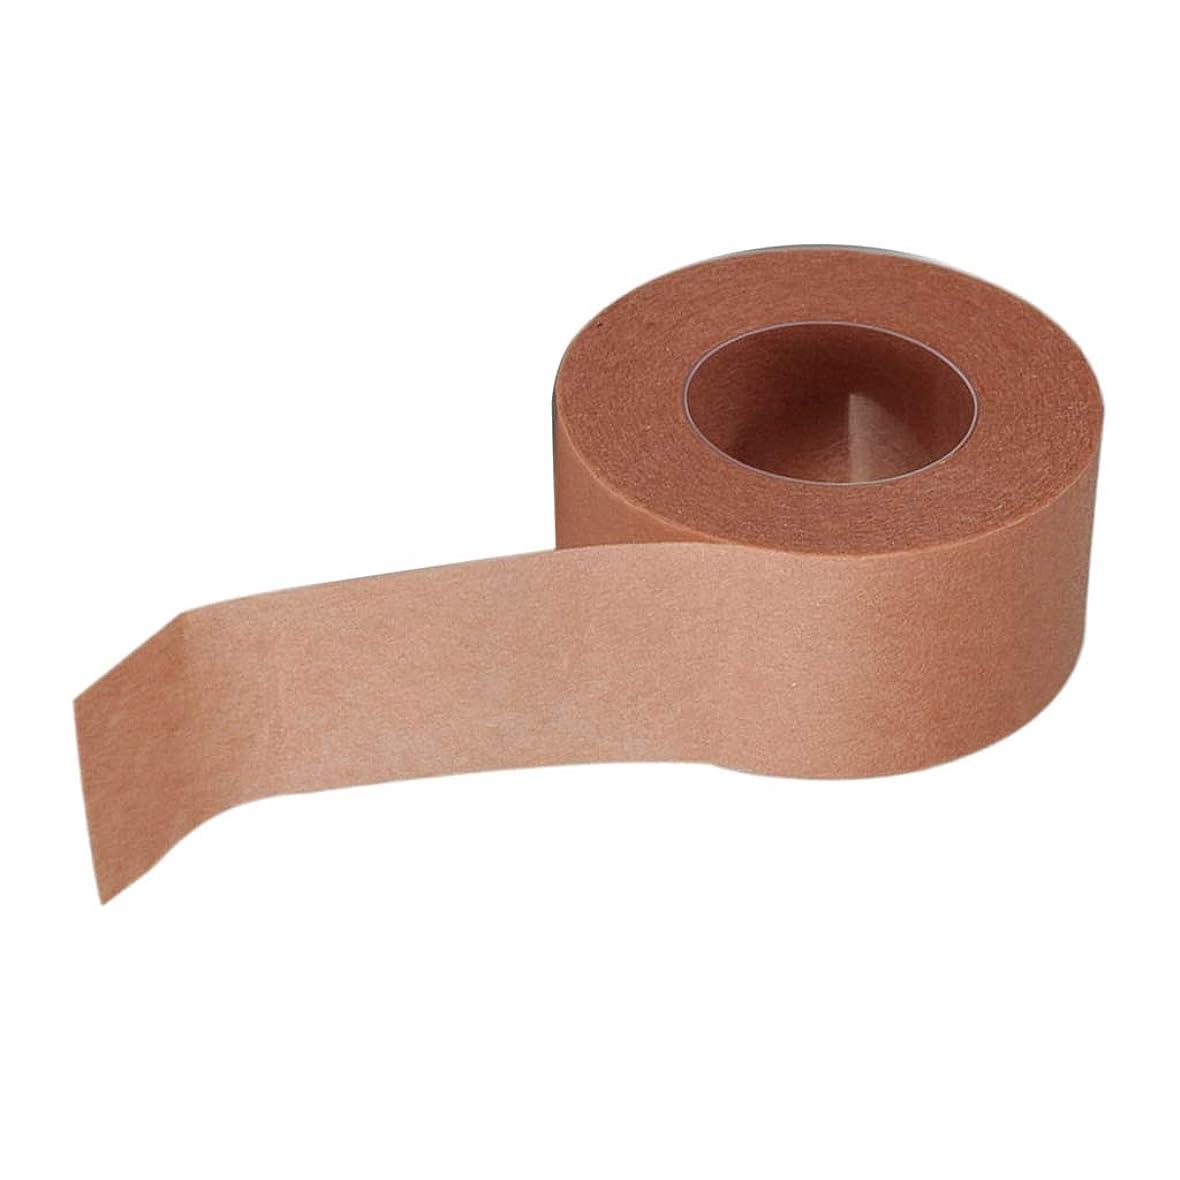 銀行明日おかしいDYNWAVE まつげテープ まつげエクステテープ まつげエクステンションテープ 下まつ毛 保護テープ 全2サイズ - 2.5cm